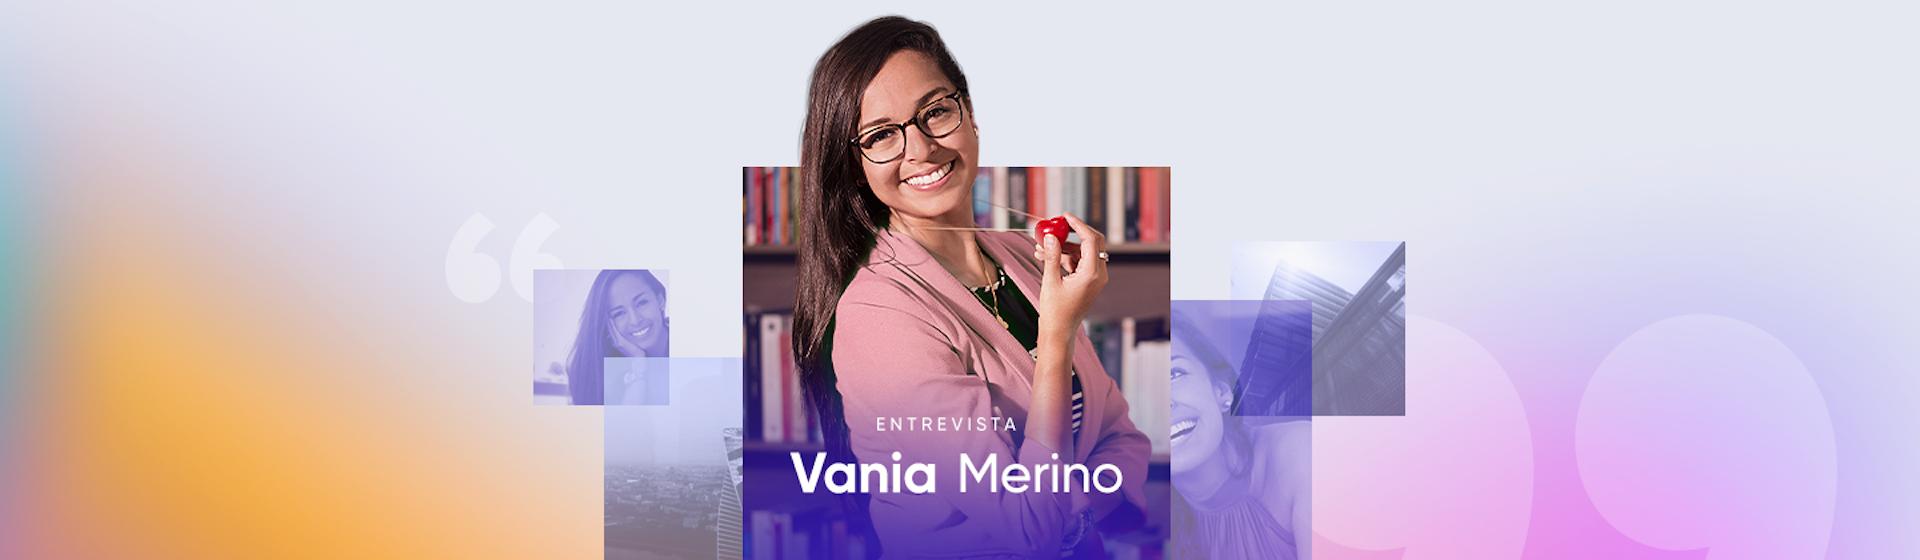 """Vania Merino: """"Dentro de toda adversidad, hay una gran oportunidad"""""""